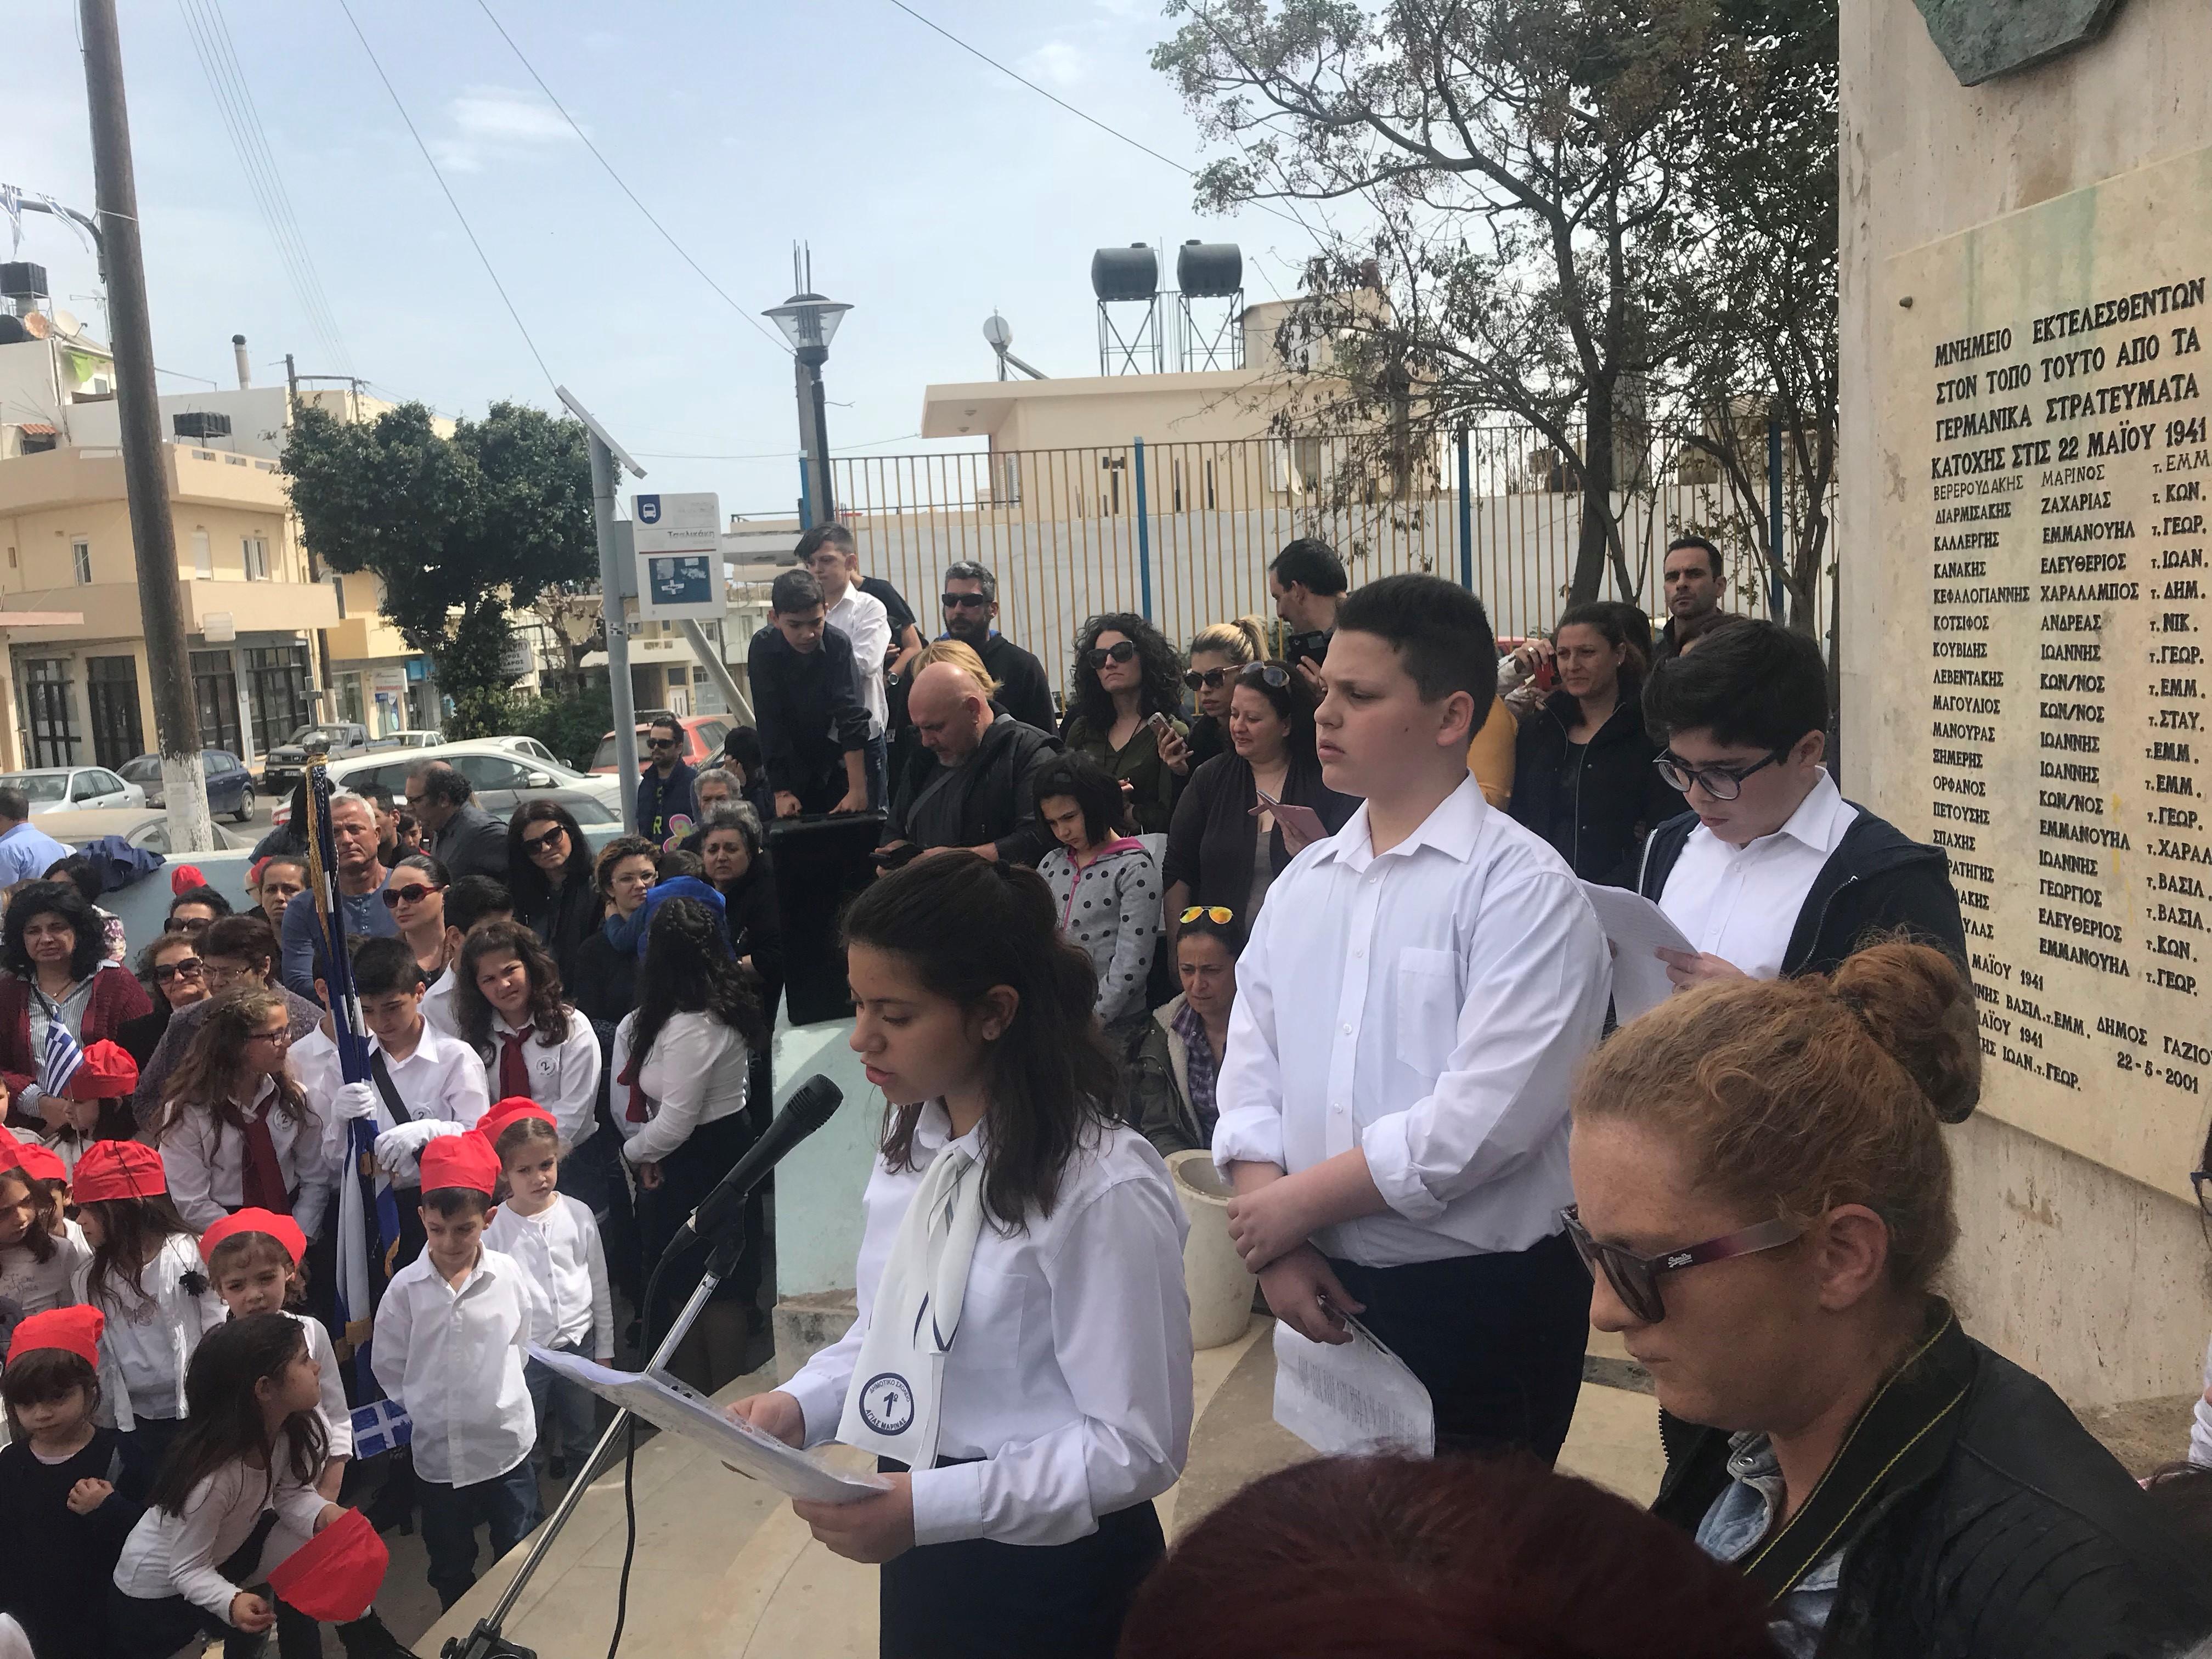 Οι μαθητές τίμησαν τη μνήμη των αγωνιστών του '21